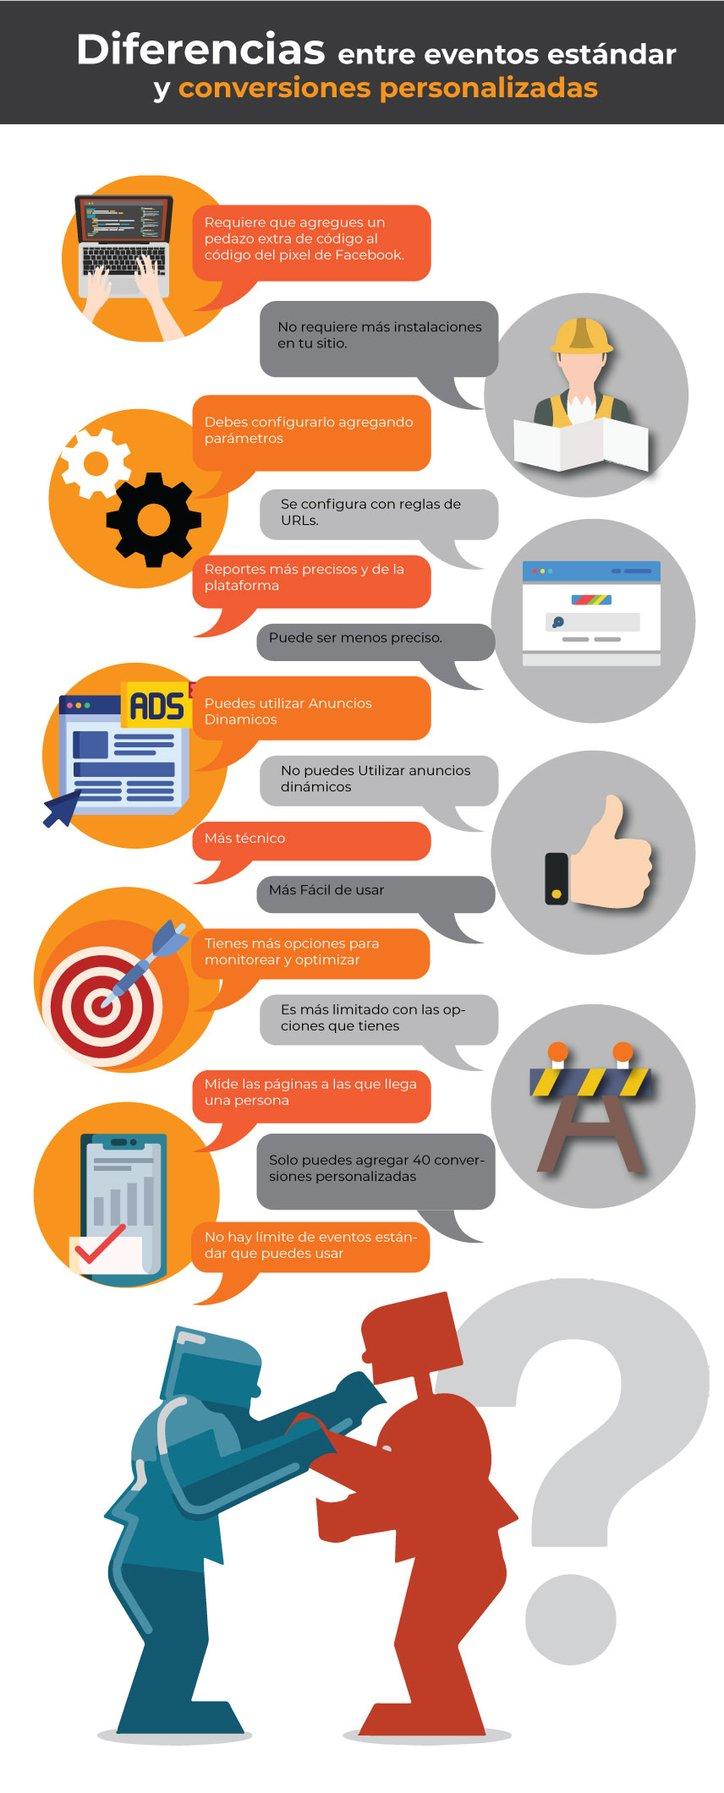 Infografia- estandar events y conversiones personalizadas